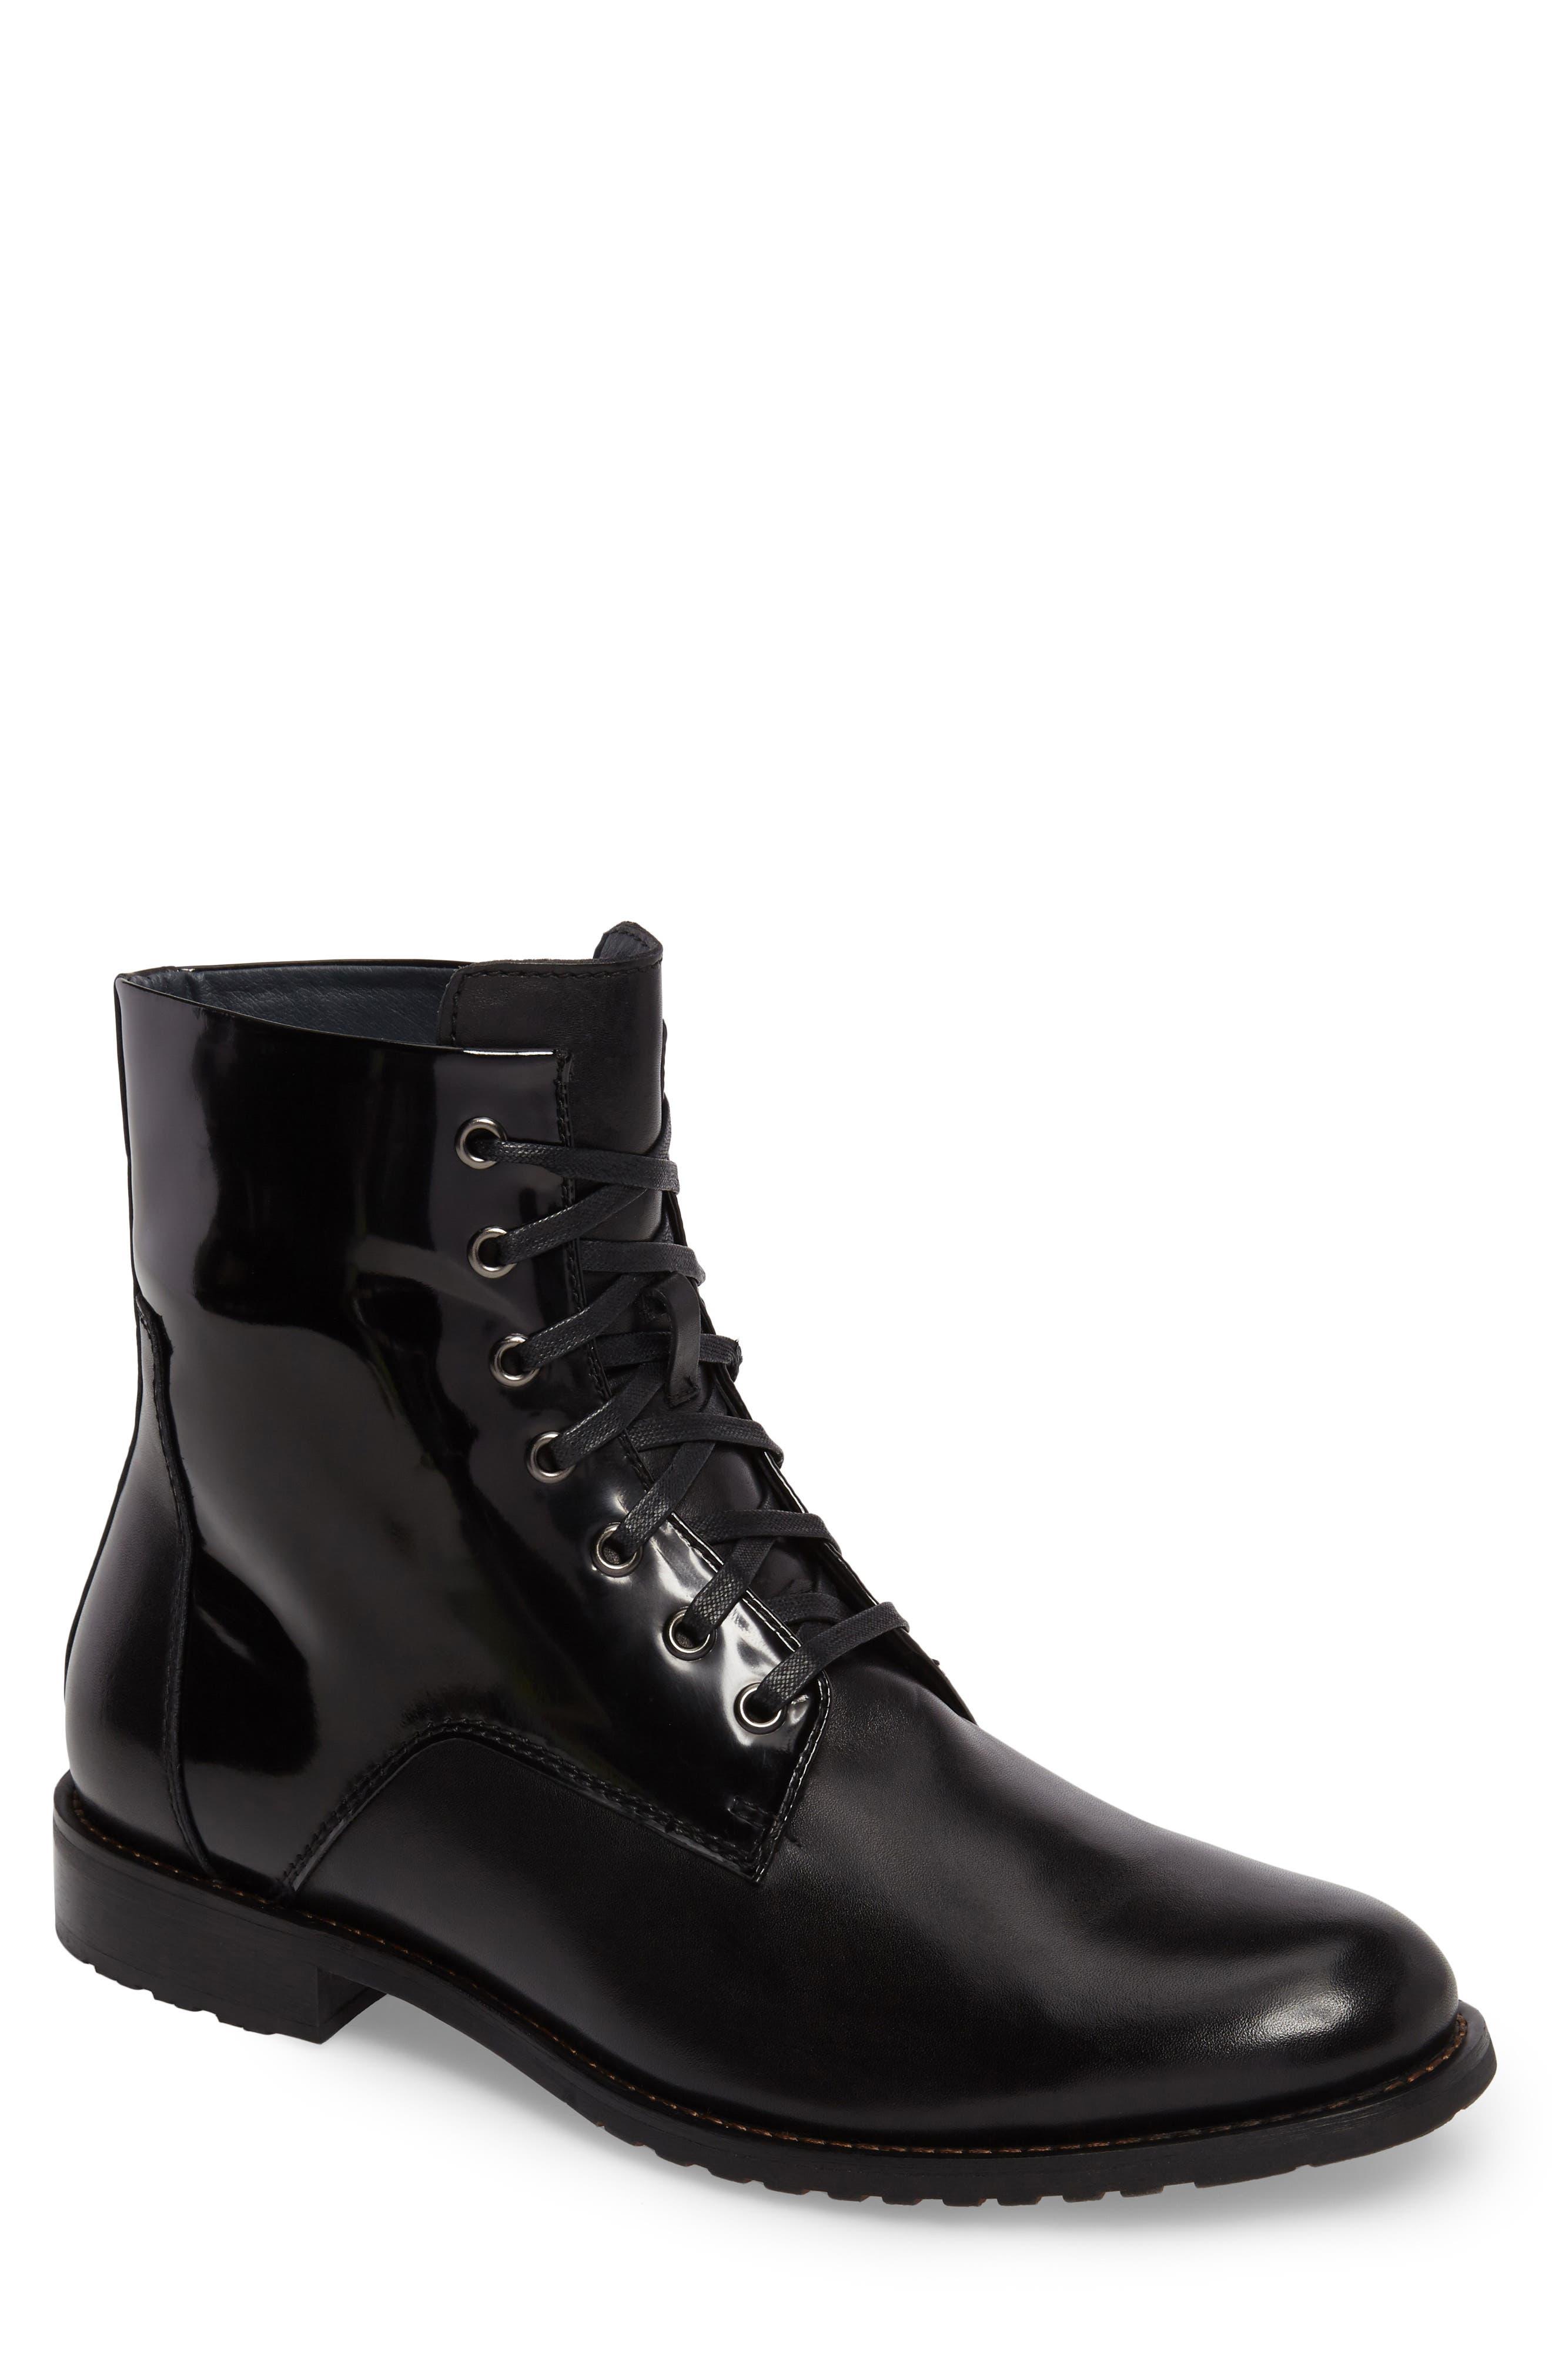 Athol Plain Toe Boot,                             Main thumbnail 1, color,                             Black Leather